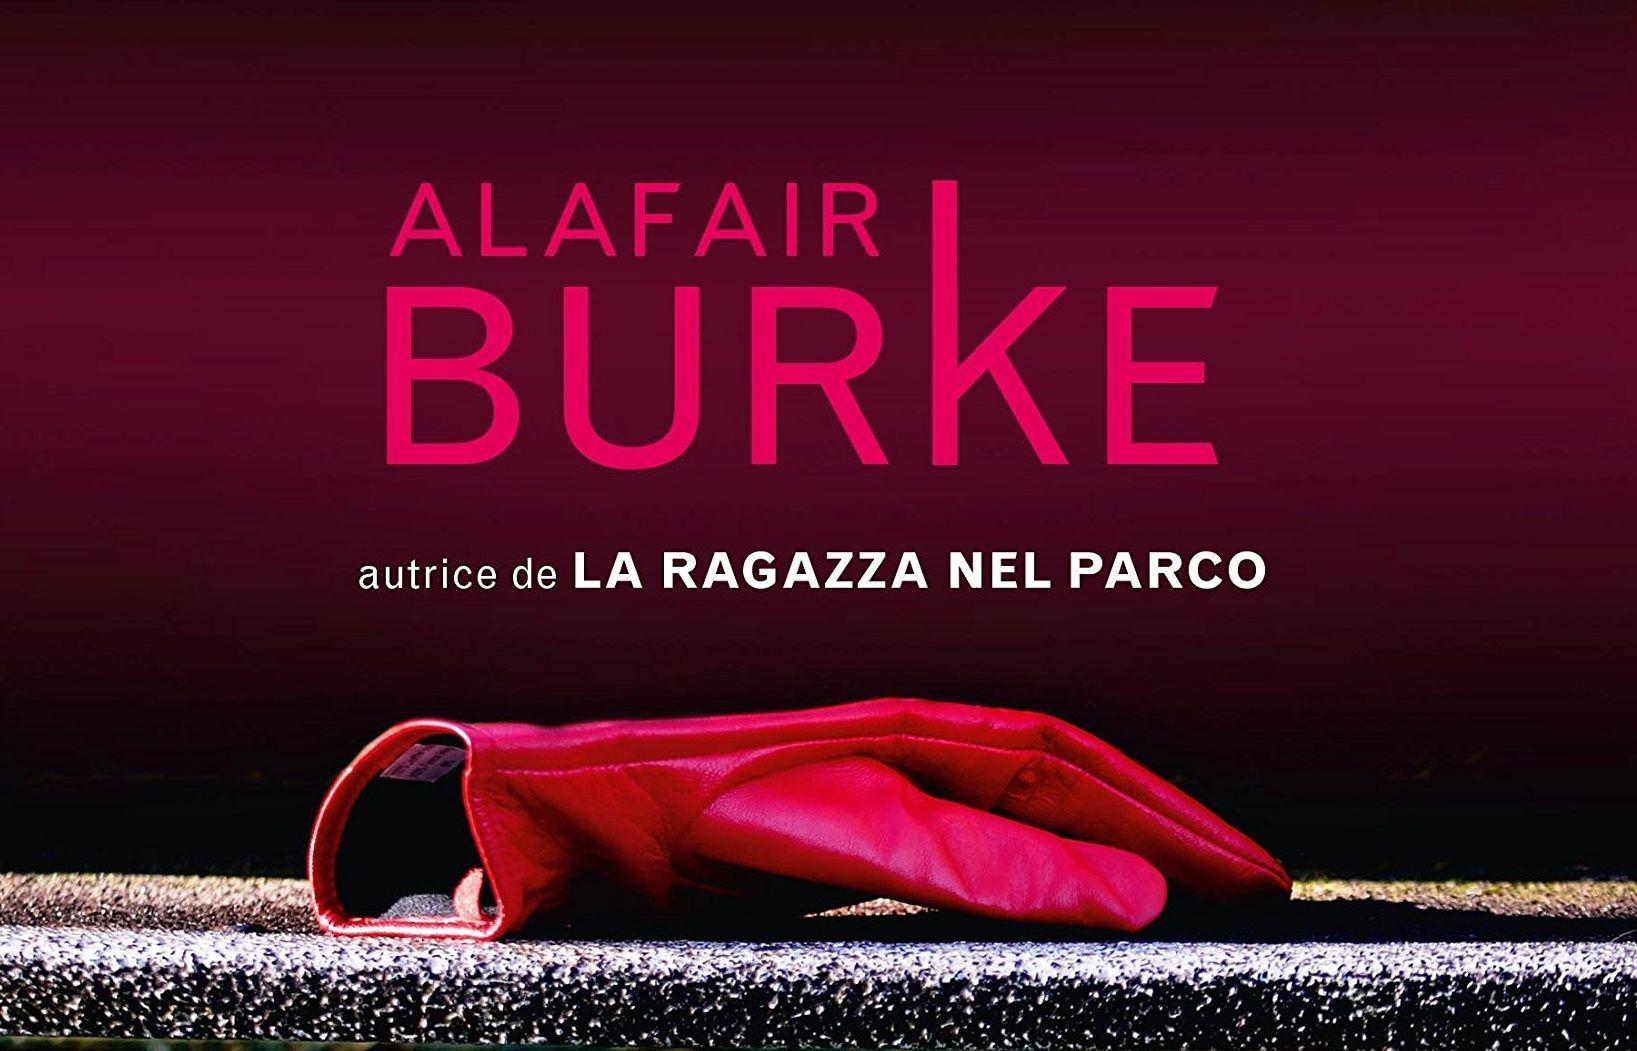 Una perfetta sconosciuta di Alafair Burke, un thriller che vi lascerà con il fiato sospeso dall'inizio alla fine e che sconvolgerà la vita della protagonista.